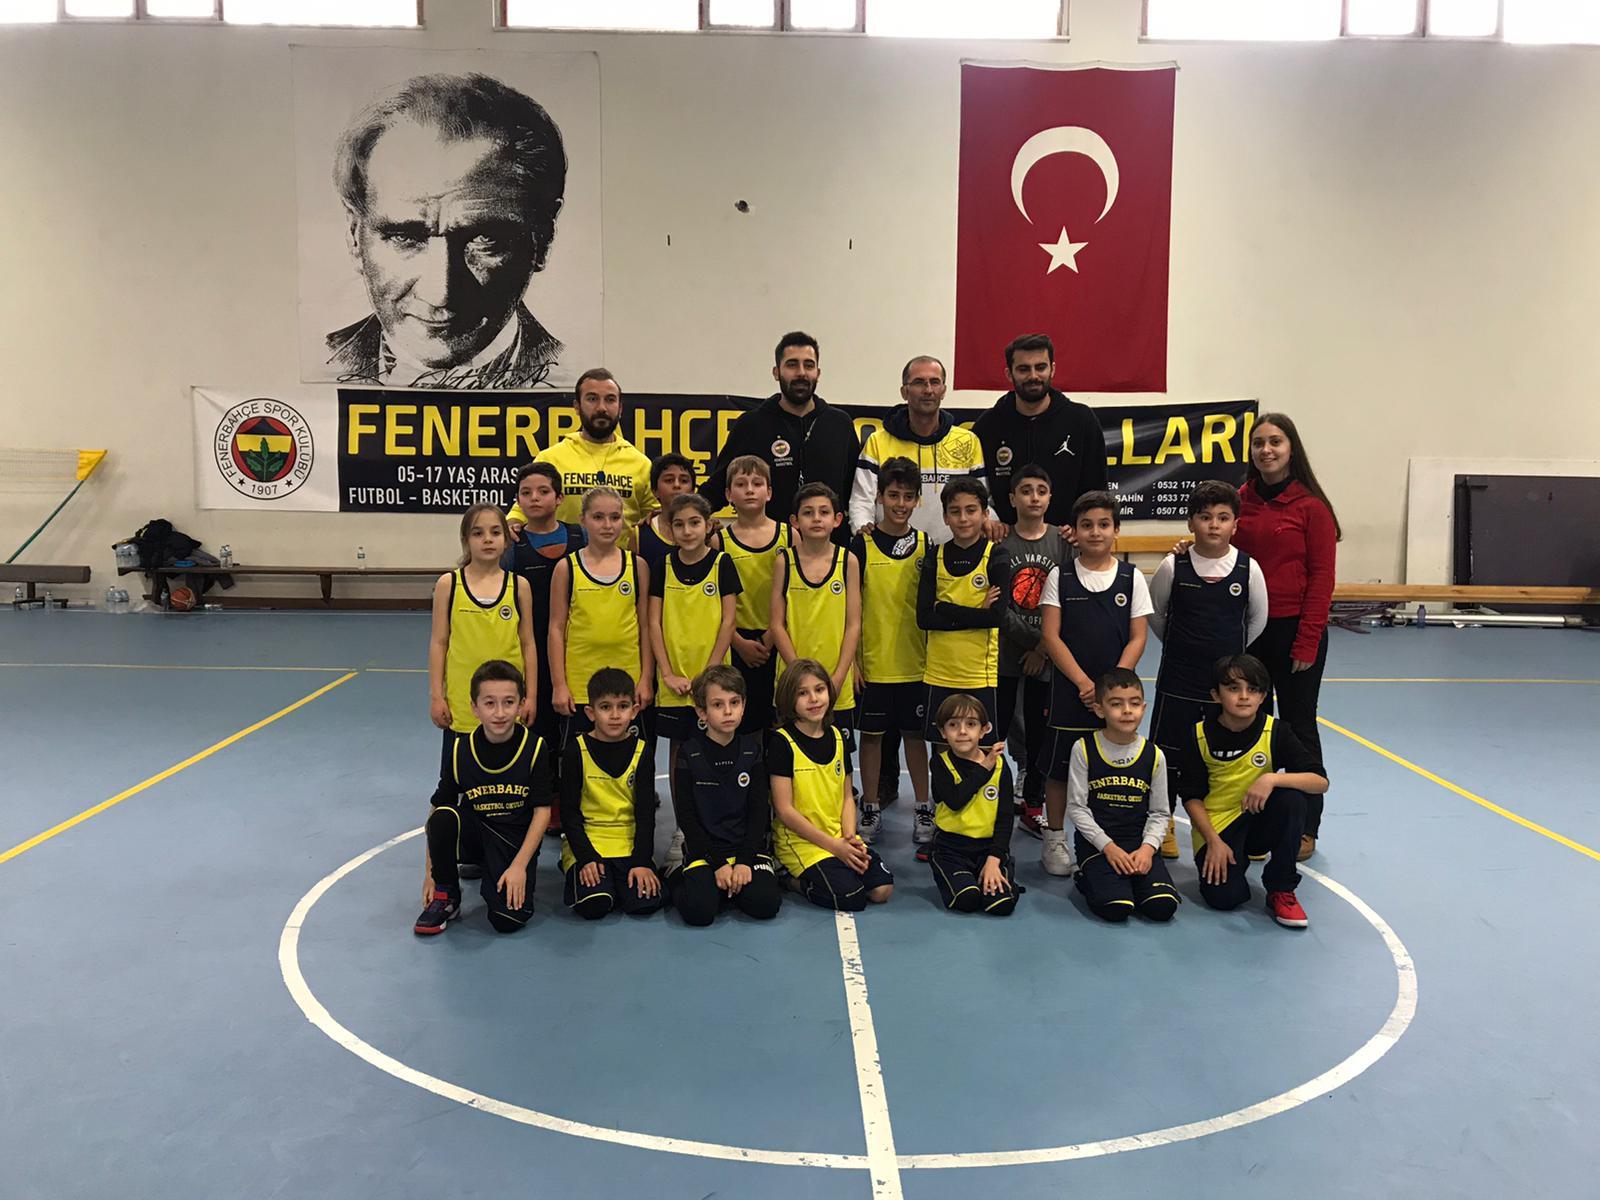 Nevşehir Fenerbahçe Basketbol okulundan Kayseri ziyareti